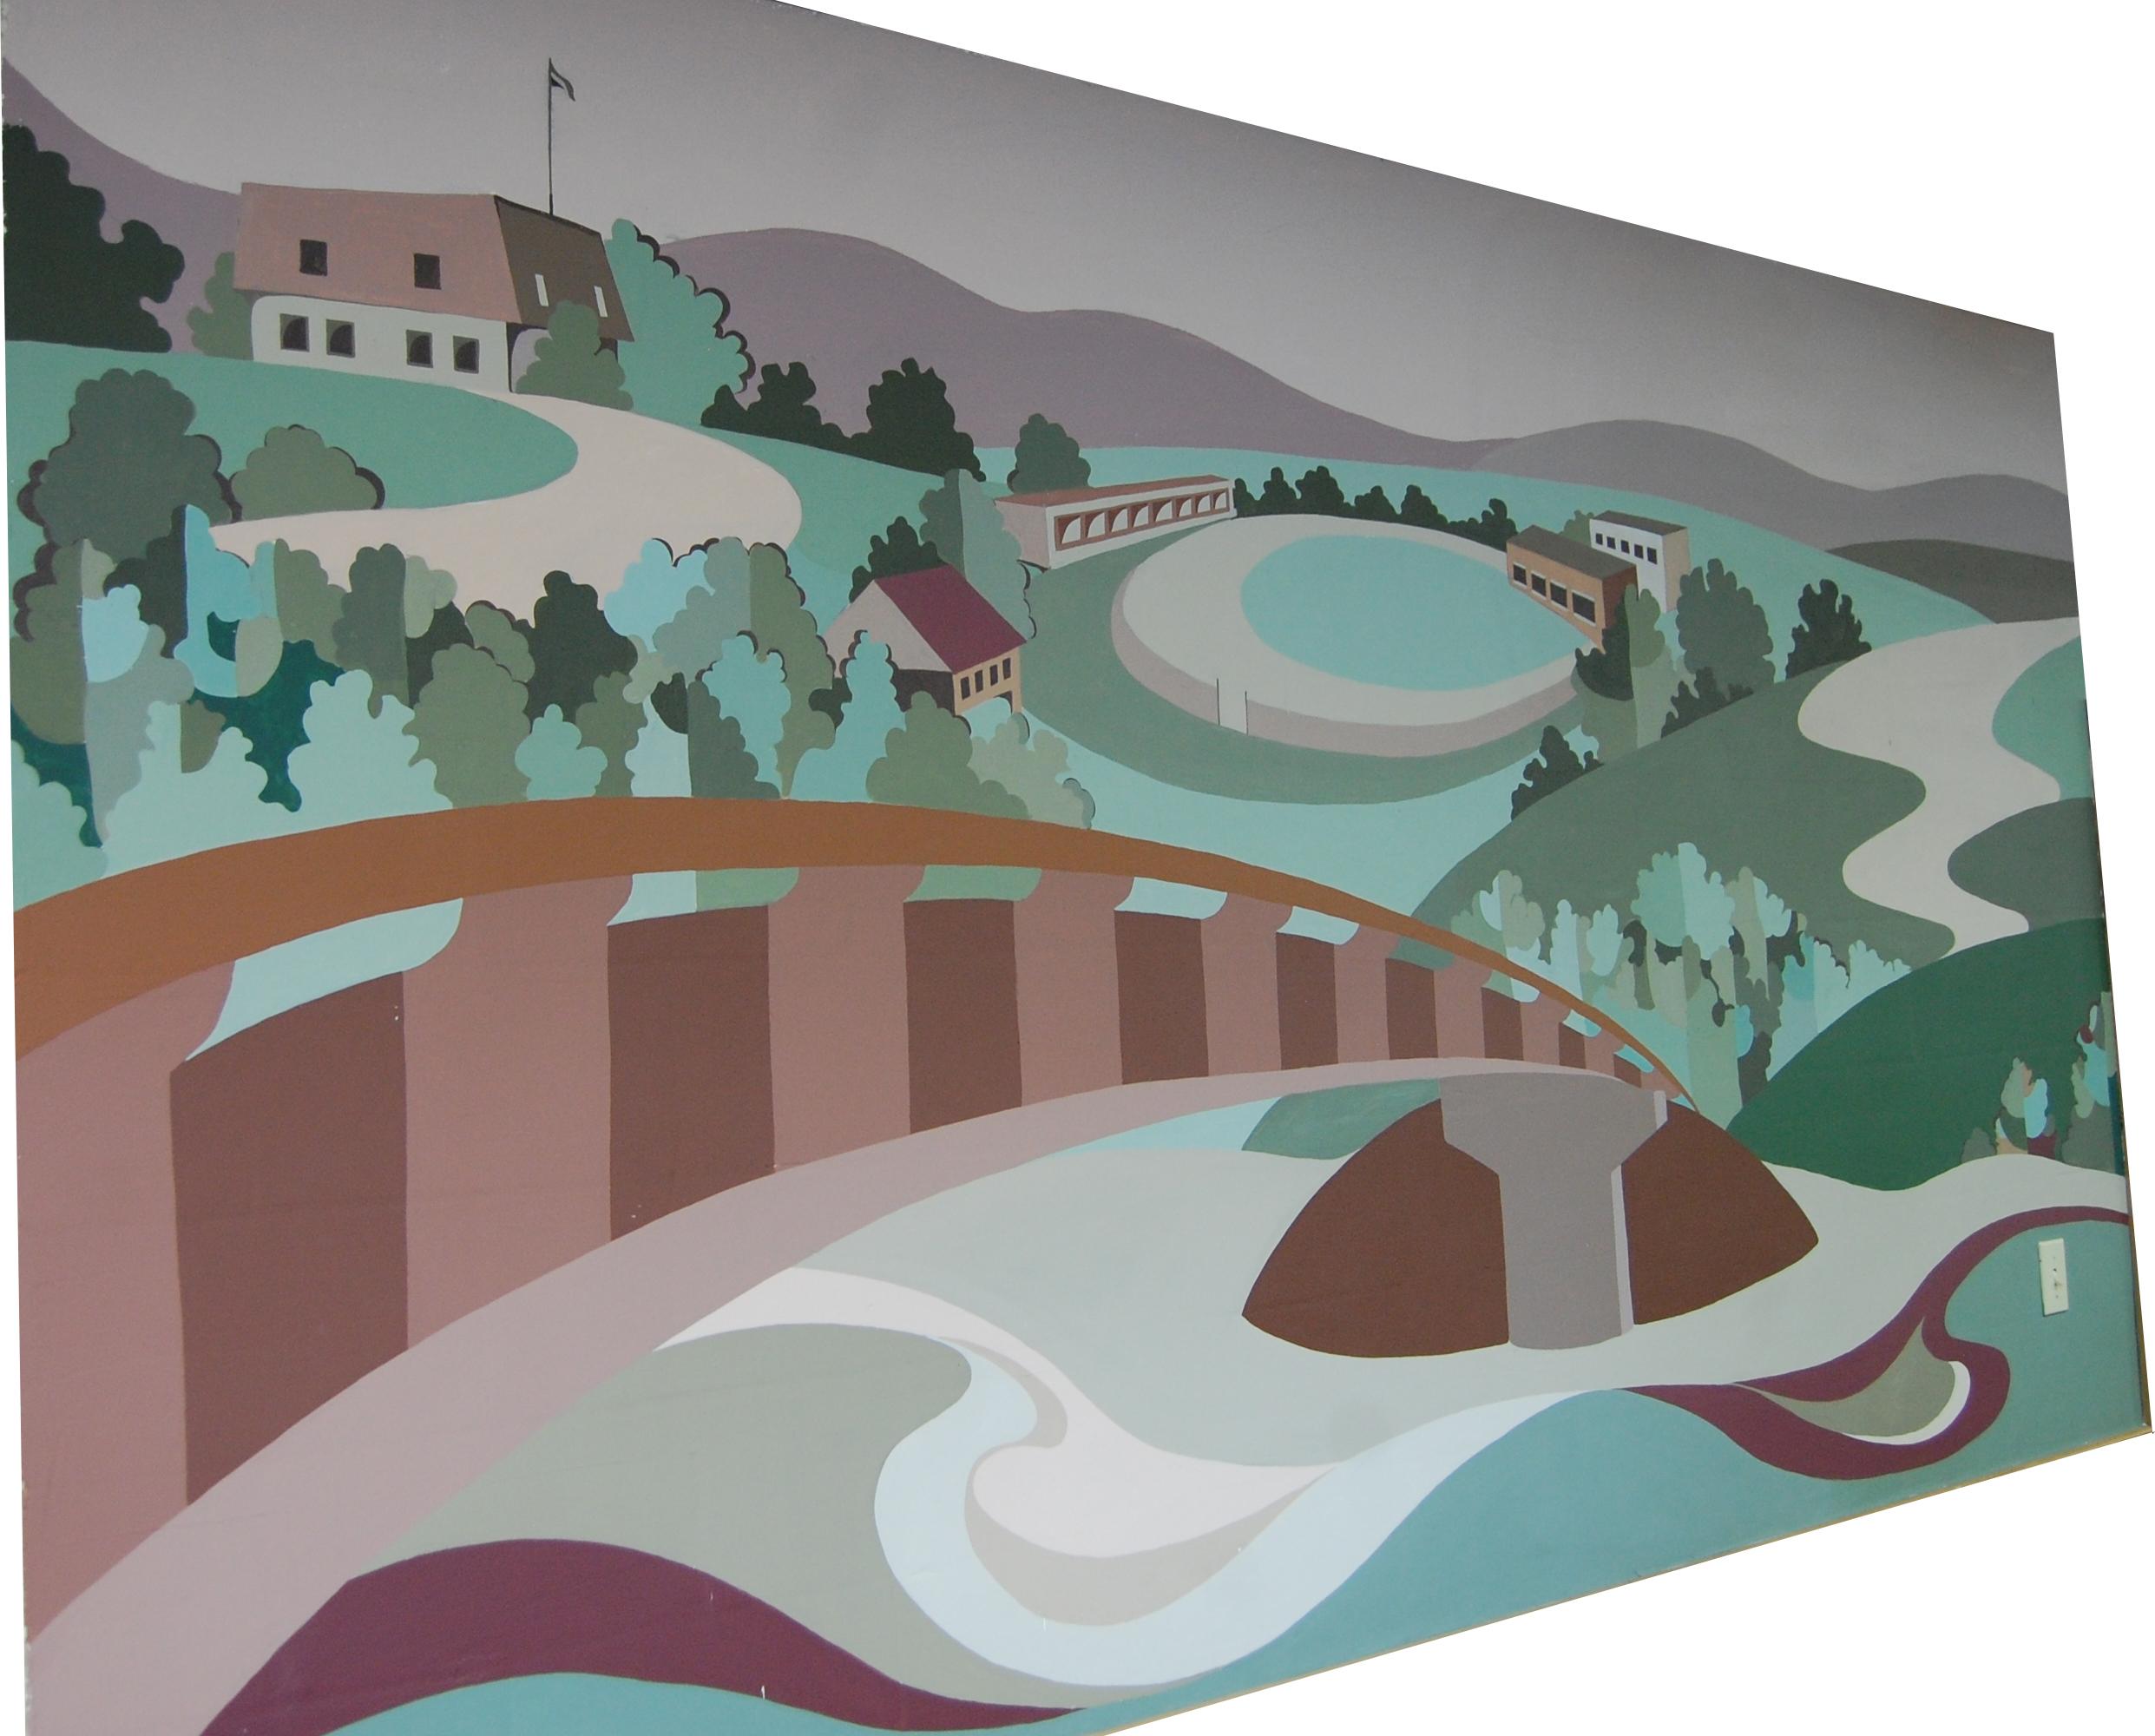 Mural3 - 72